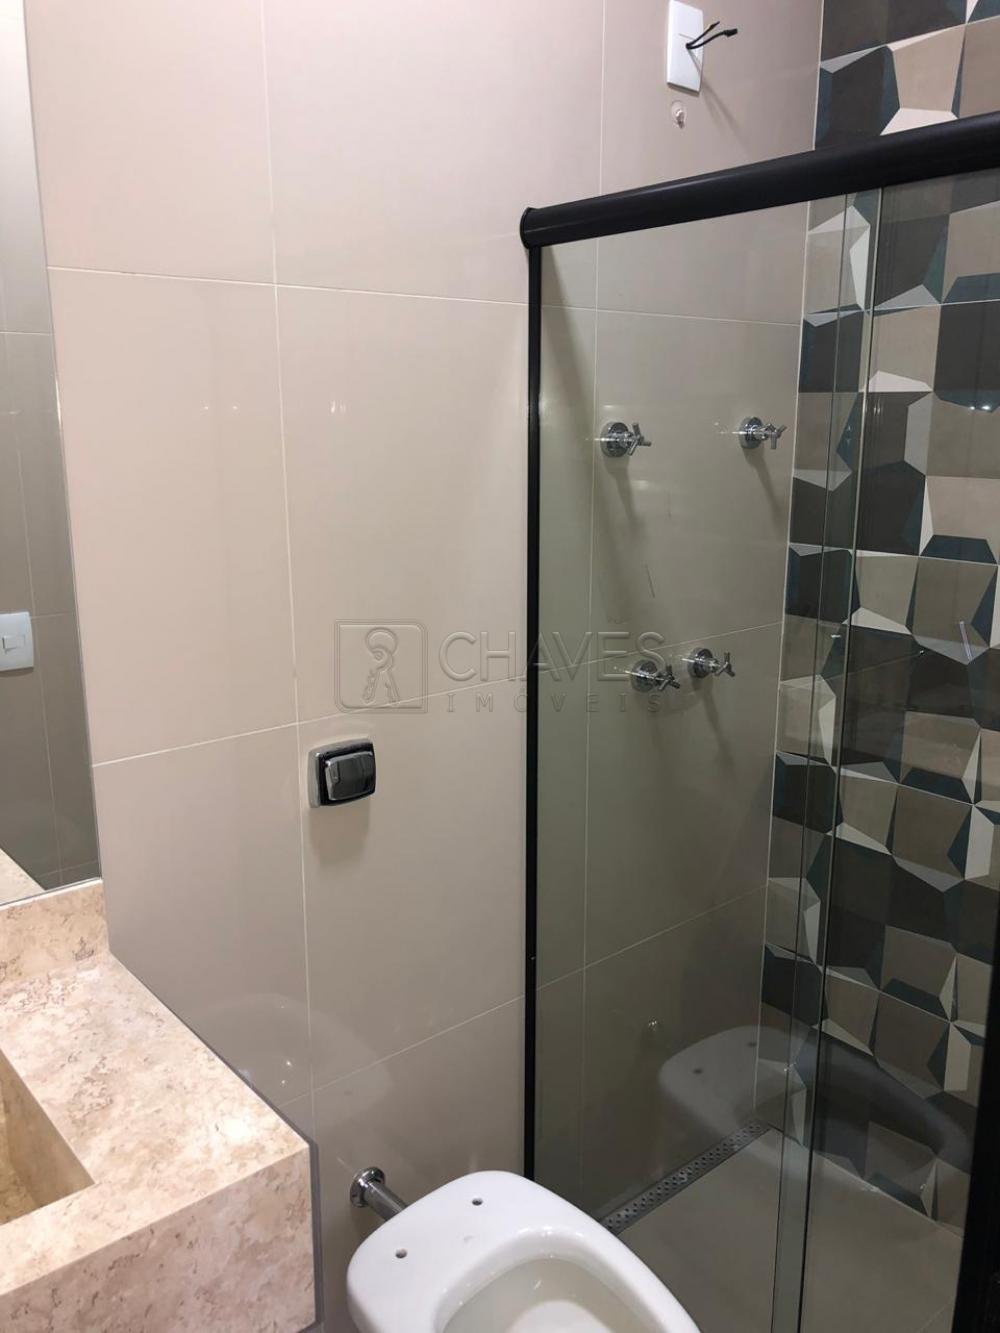 Comprar Casa / Condomínio em Bonfim Paulista apenas R$ 780.000,00 - Foto 16